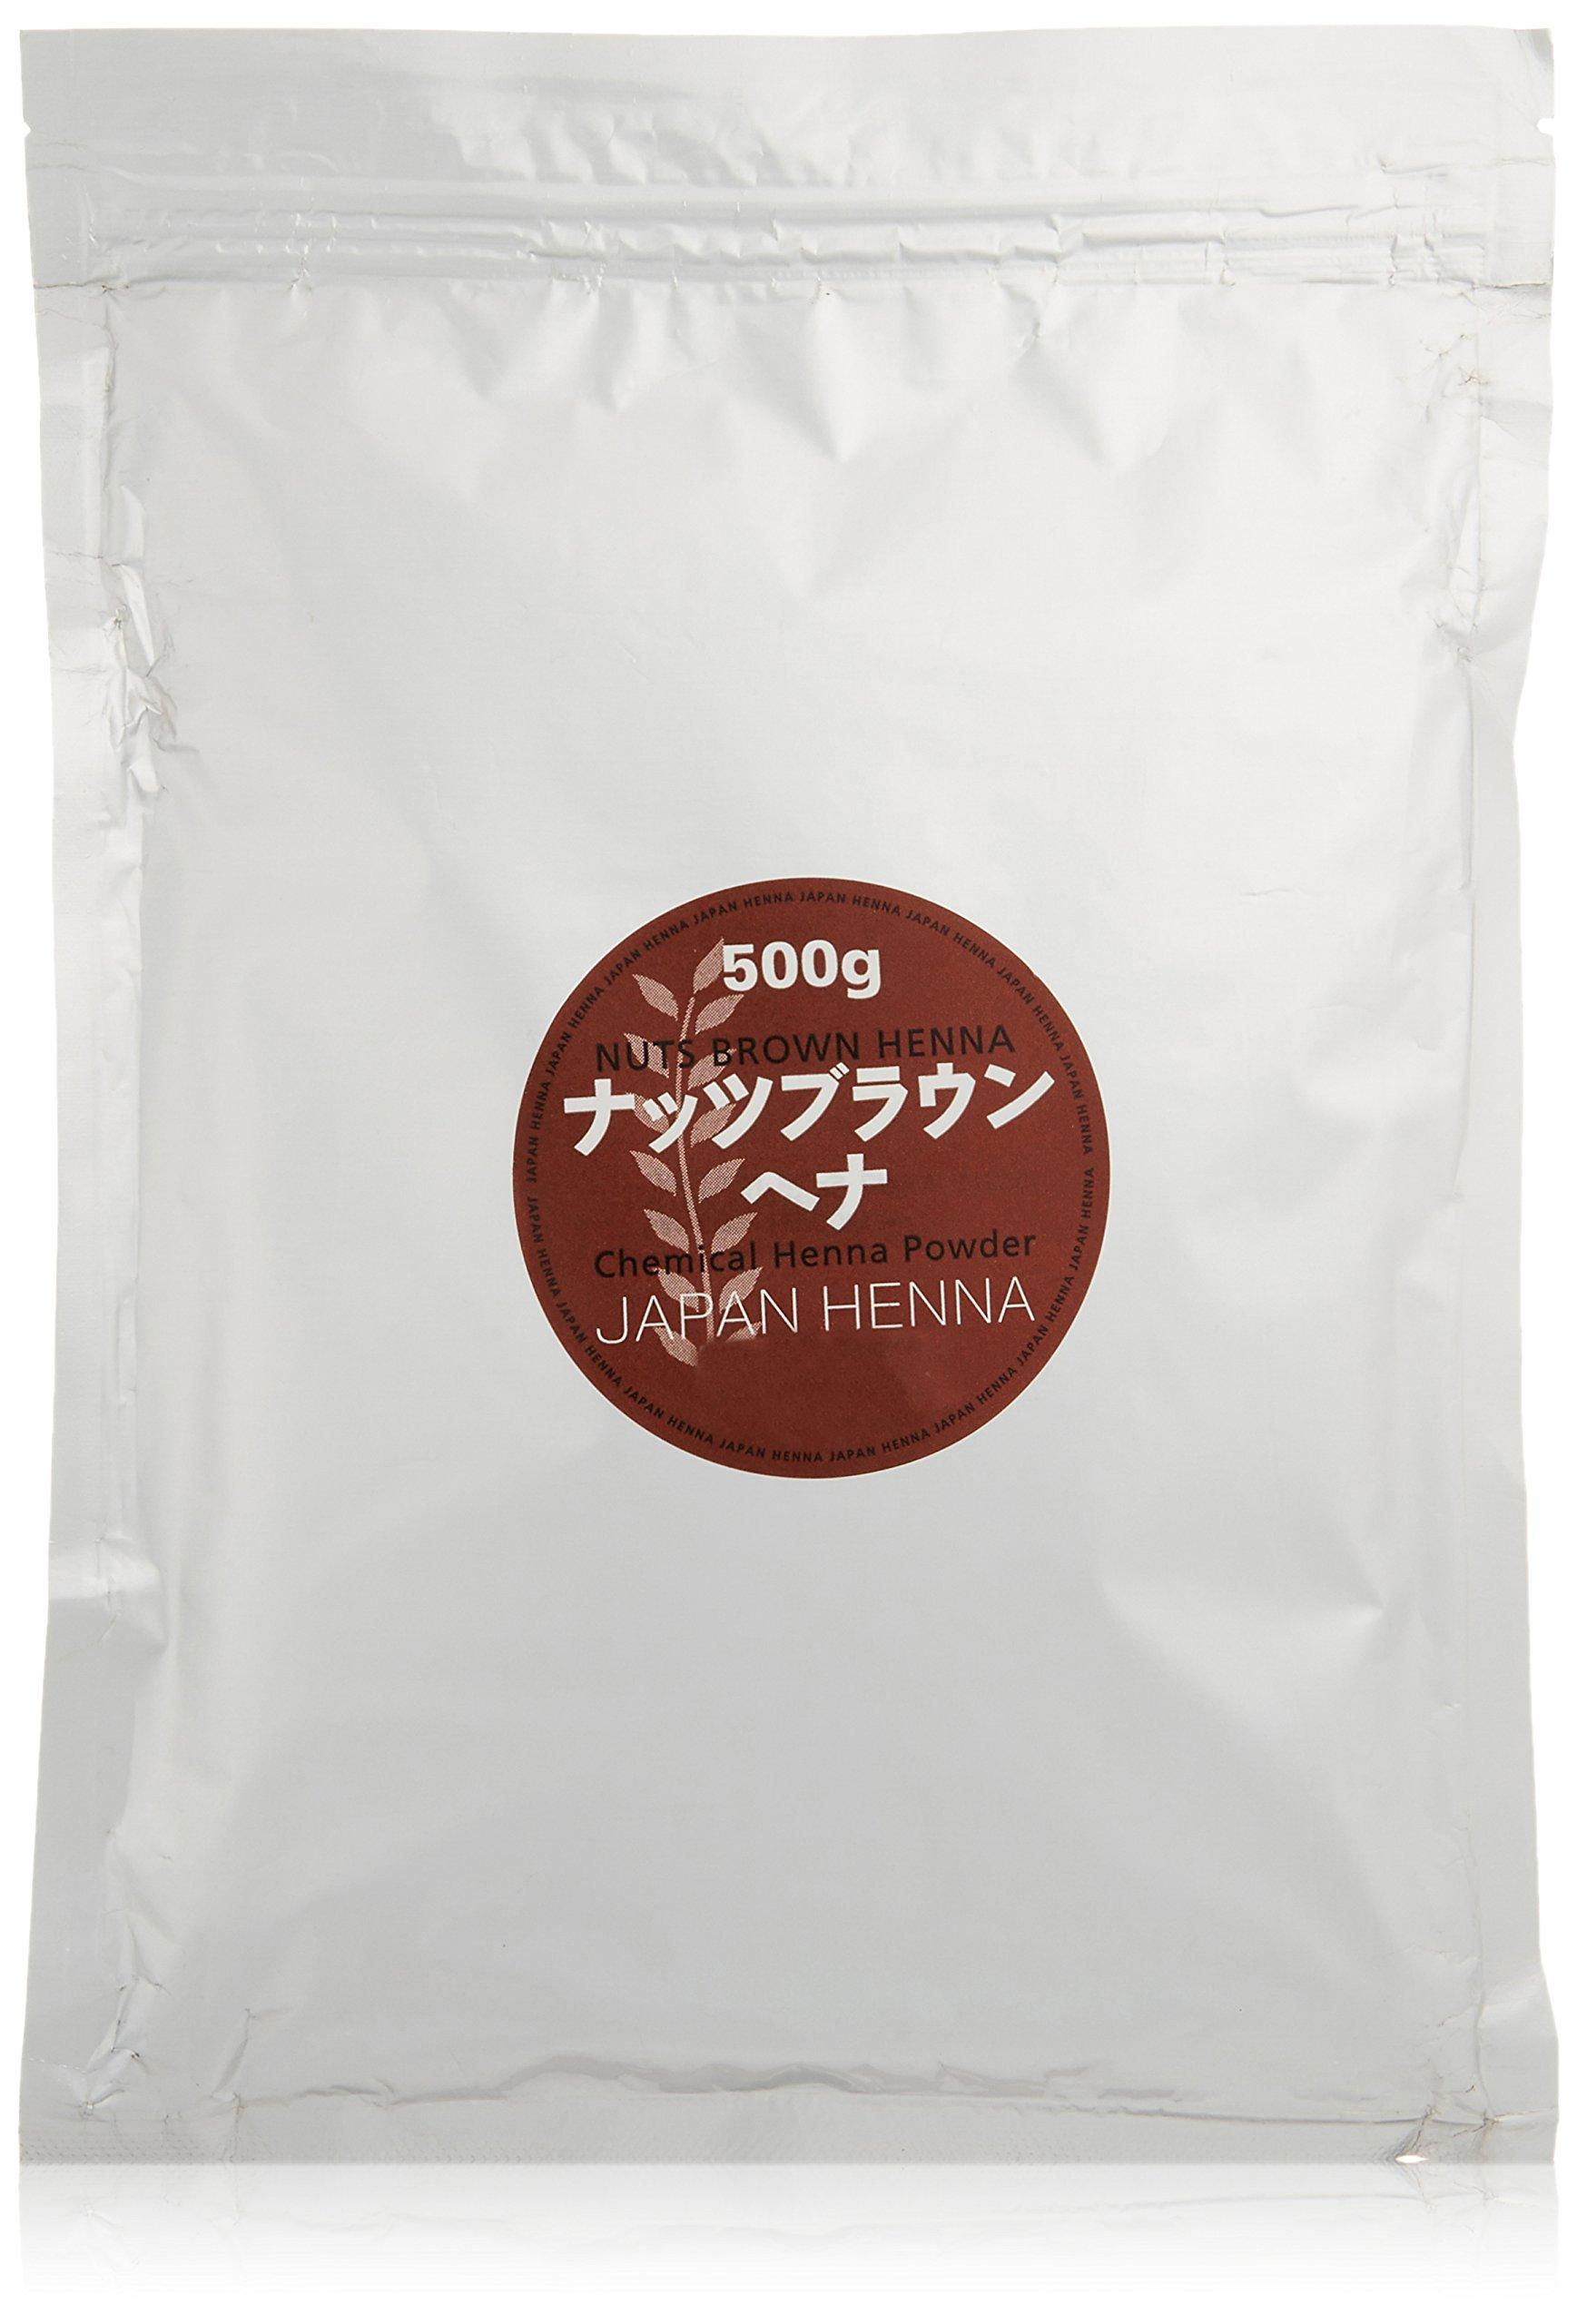 Japan henna Nuts Brown 500g